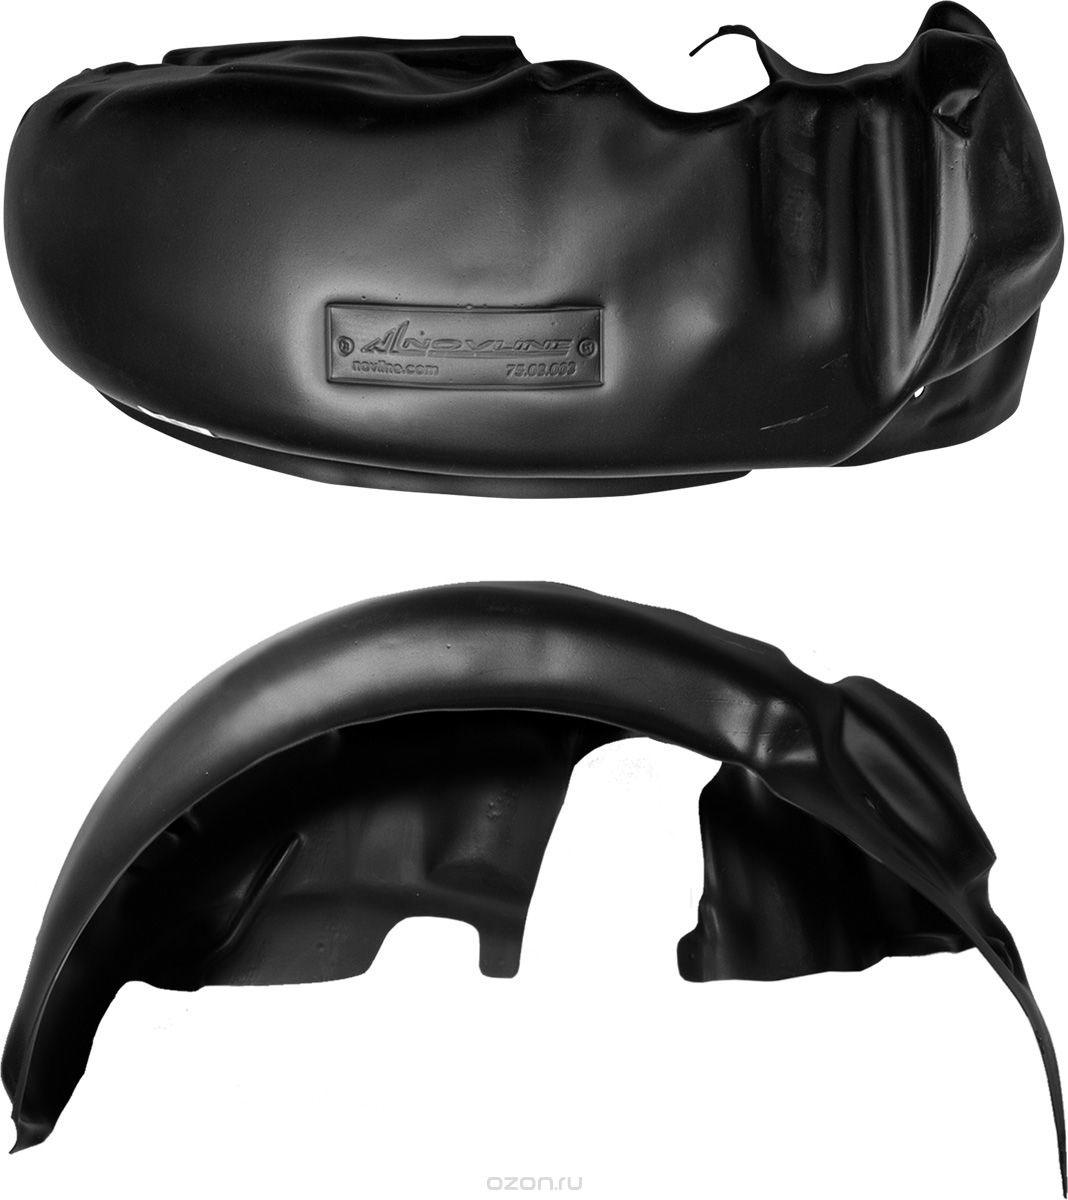 Подкрылок Novline-Autofamily, для MITSUBISHI L200, 2015->, передний левый42803004Идеальная защита колесной ниши. Локеры разработаны с применением цифровых технологий, гарантируют максимальную повторяемость поверхности арки. Изделия устанавливаются без нарушения лакокрасочного покрытия автомобиля, каждый подкрылок комплектуется крепежом. Уважаемые клиенты, обращаем ваше внимание, что фотографии на подкрылки универсальные и не отражают реальную форму изделия. При этом само изделие идет точно под размер указанного автомобиля.